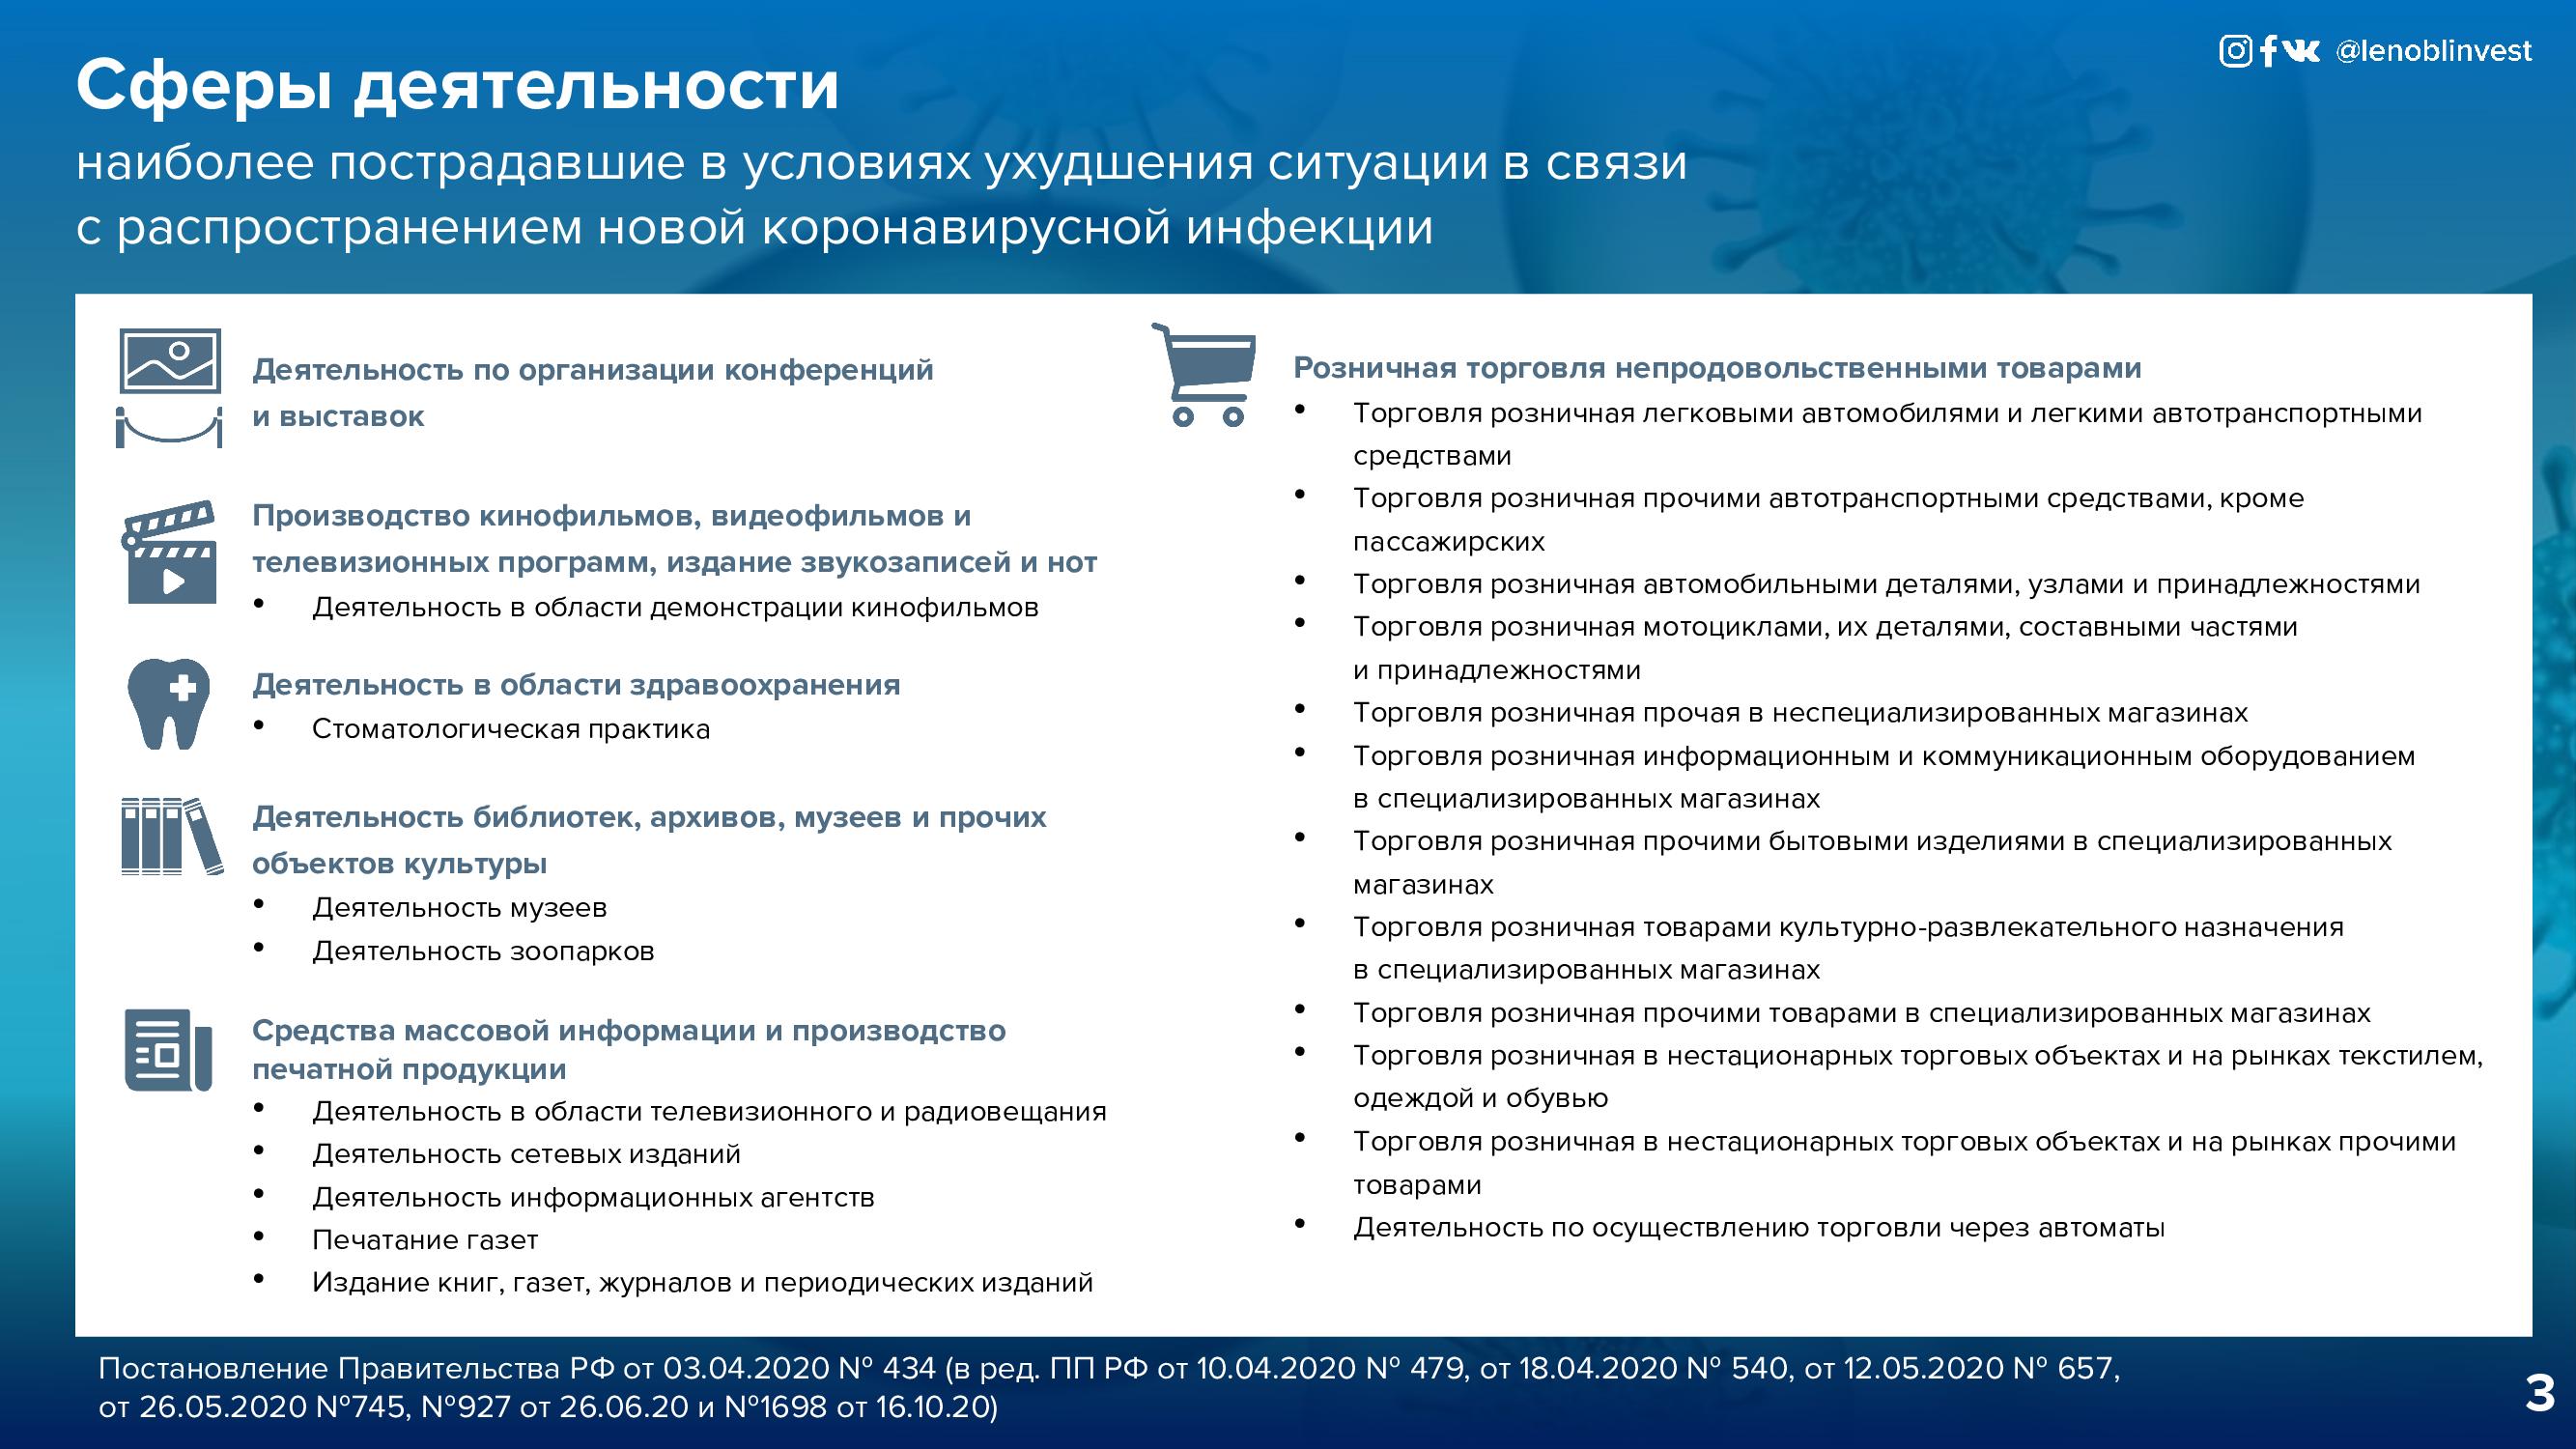 Региональные и федеральные меры поддержки_page-0003.jpg